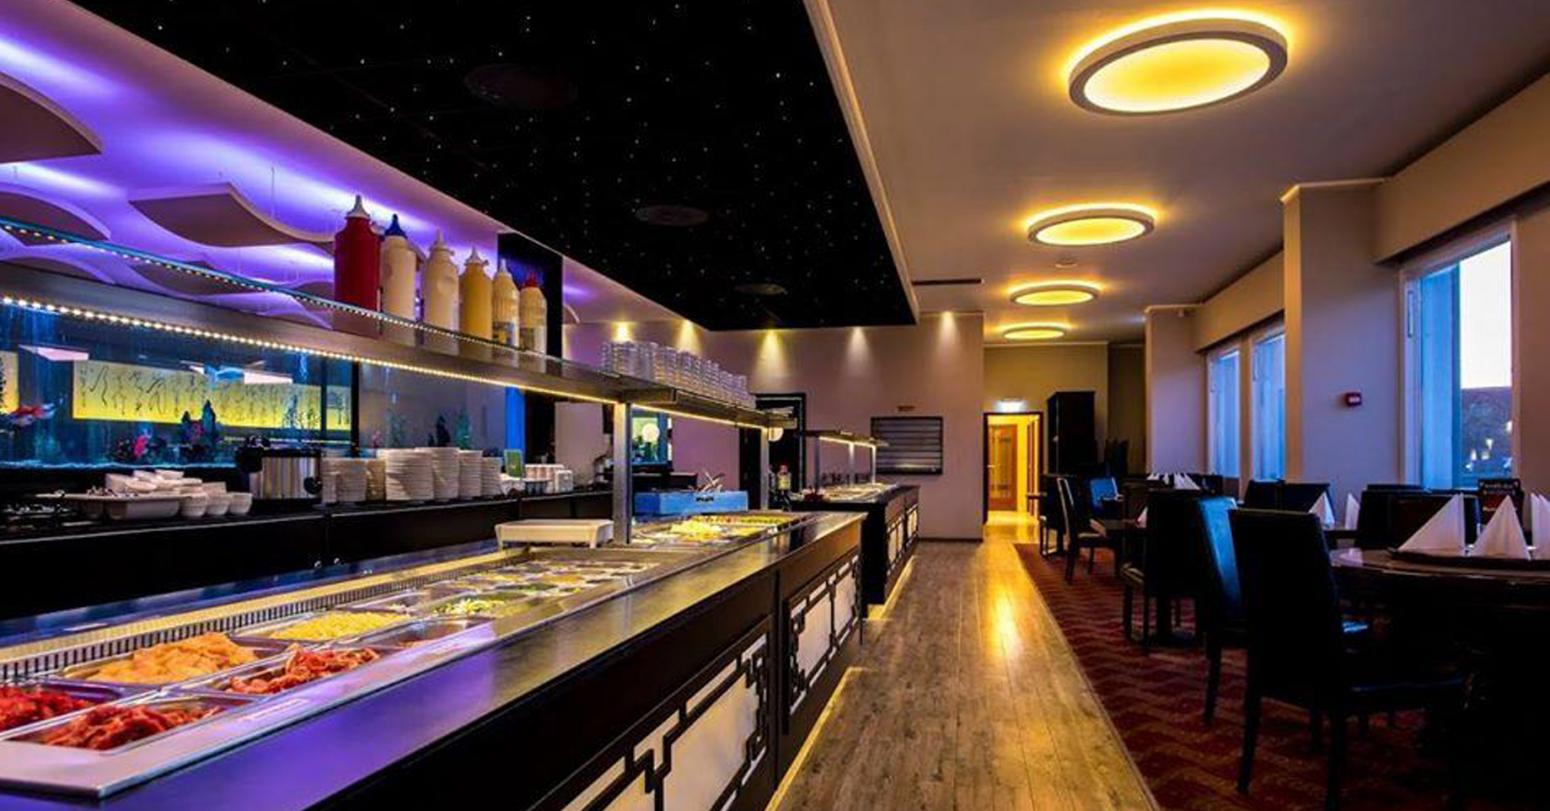 Restaurant Shangrila v/Xinhui He